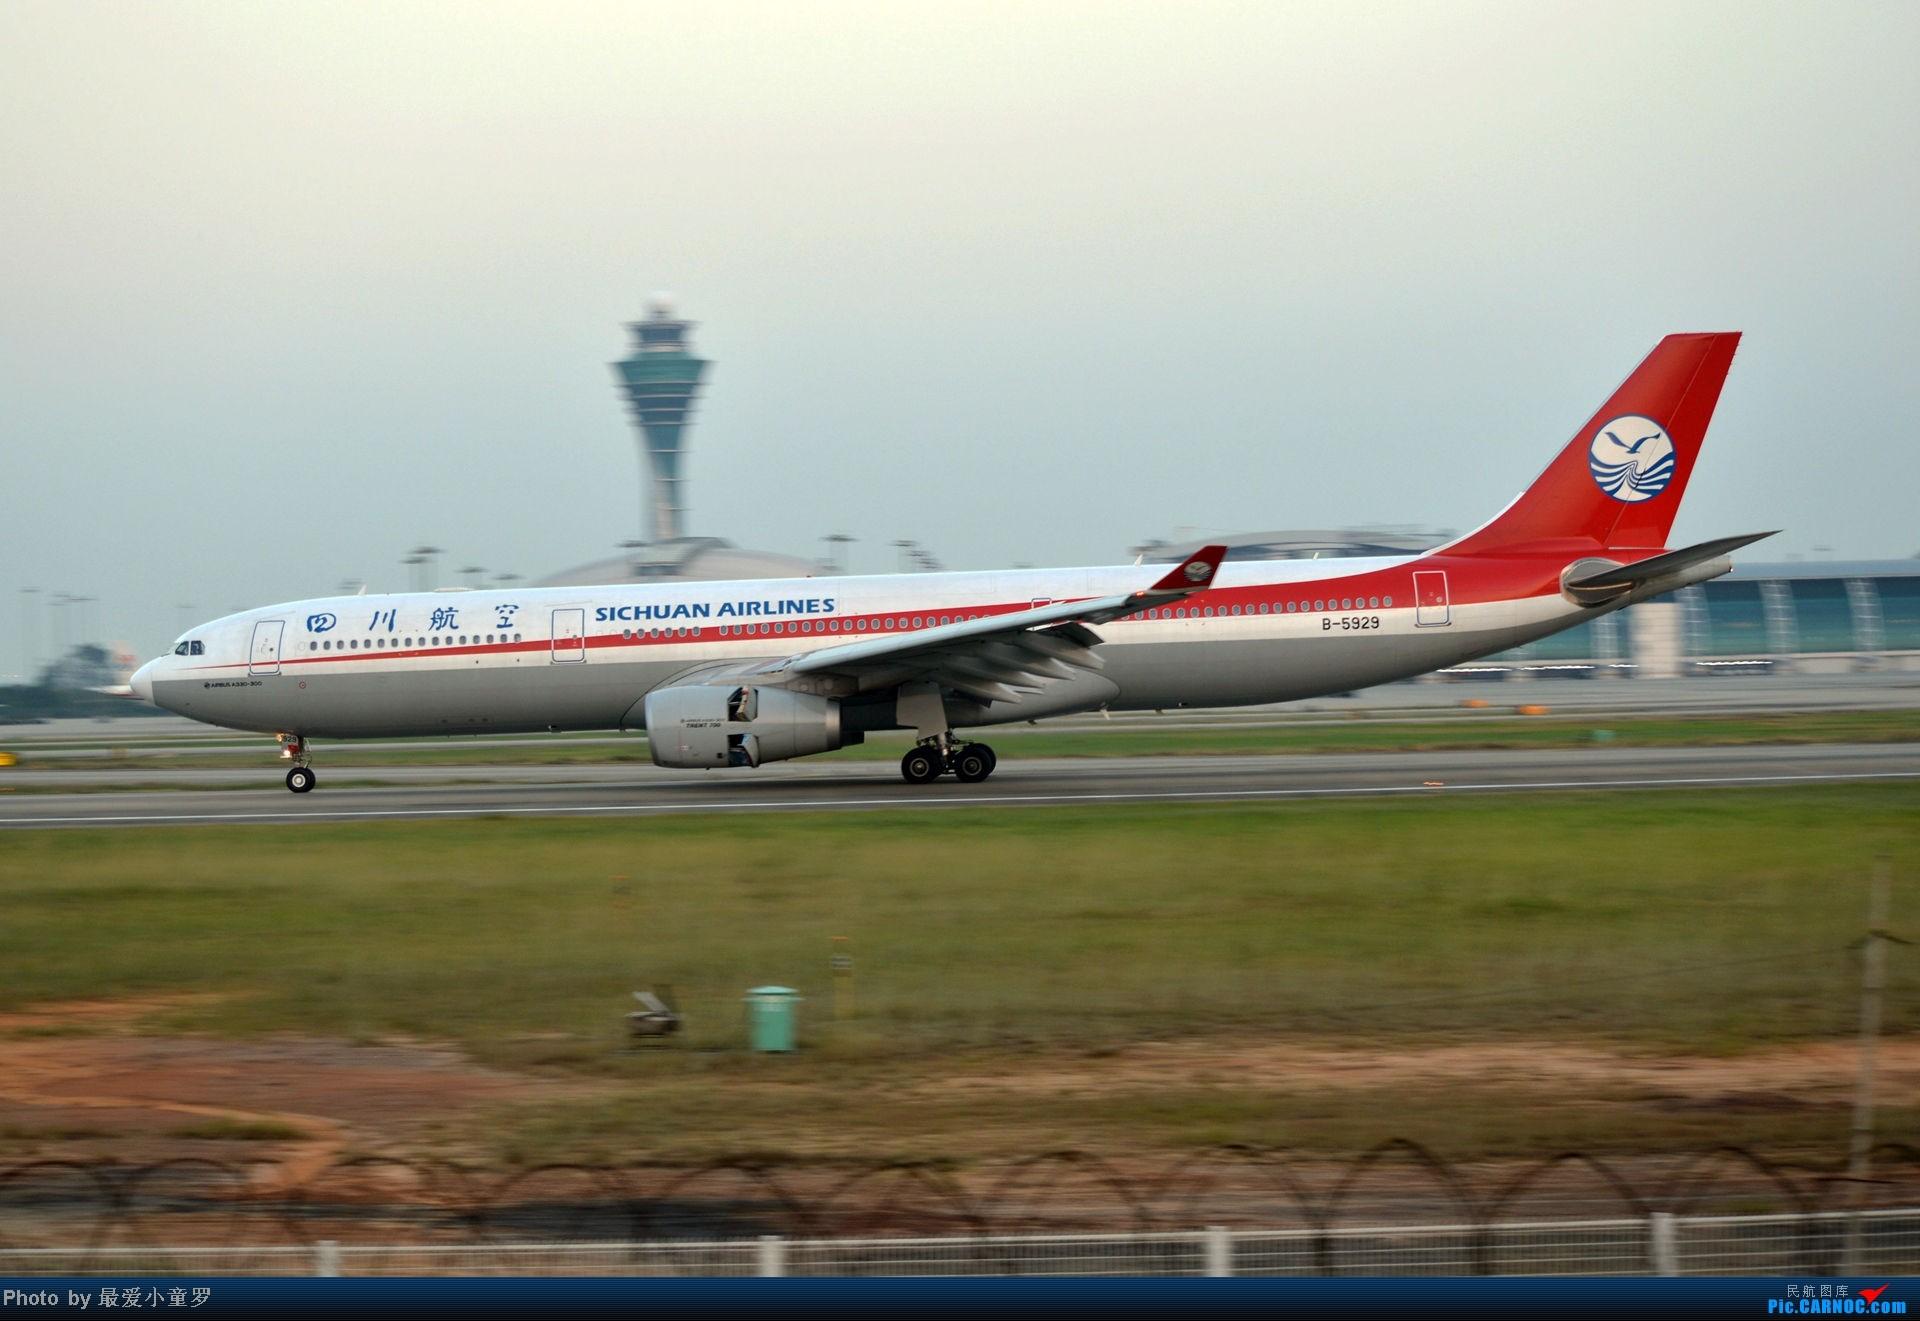 Re:[原创]老图系列,13年11月15日广州白云机场西跑拍机 AIRBUS A330-300 B-5929 中国广州白云机场